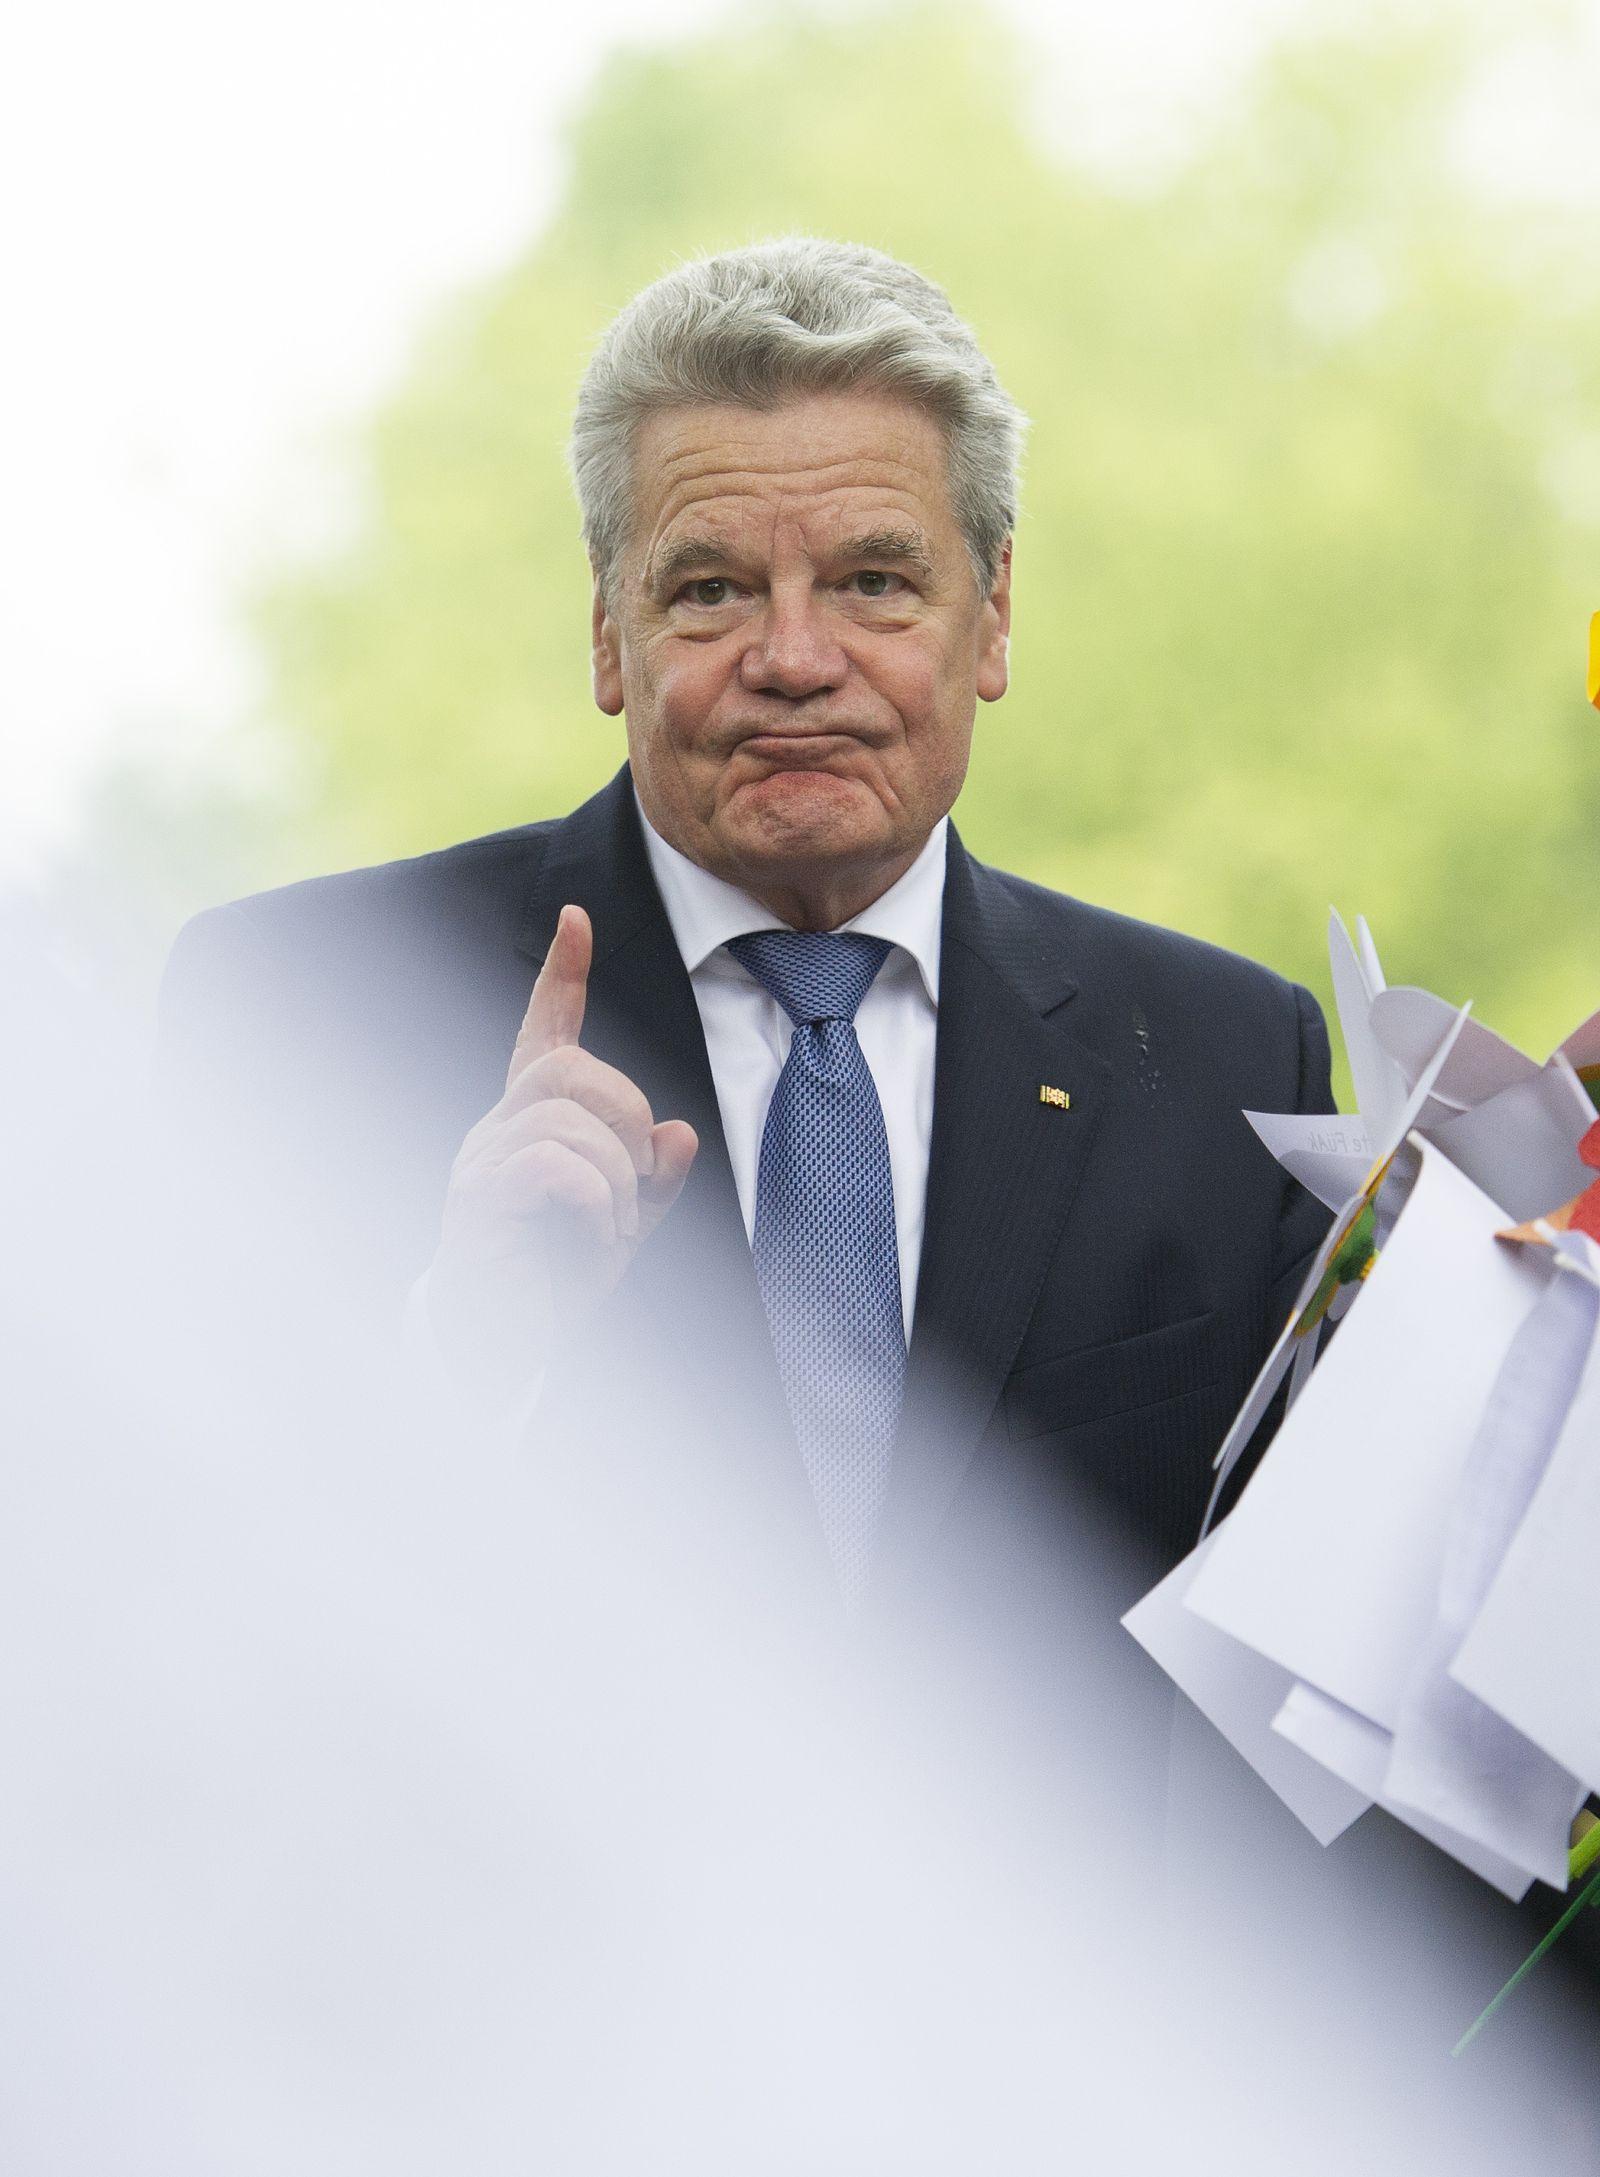 NICHT VERWENDEN Joachim Gauck